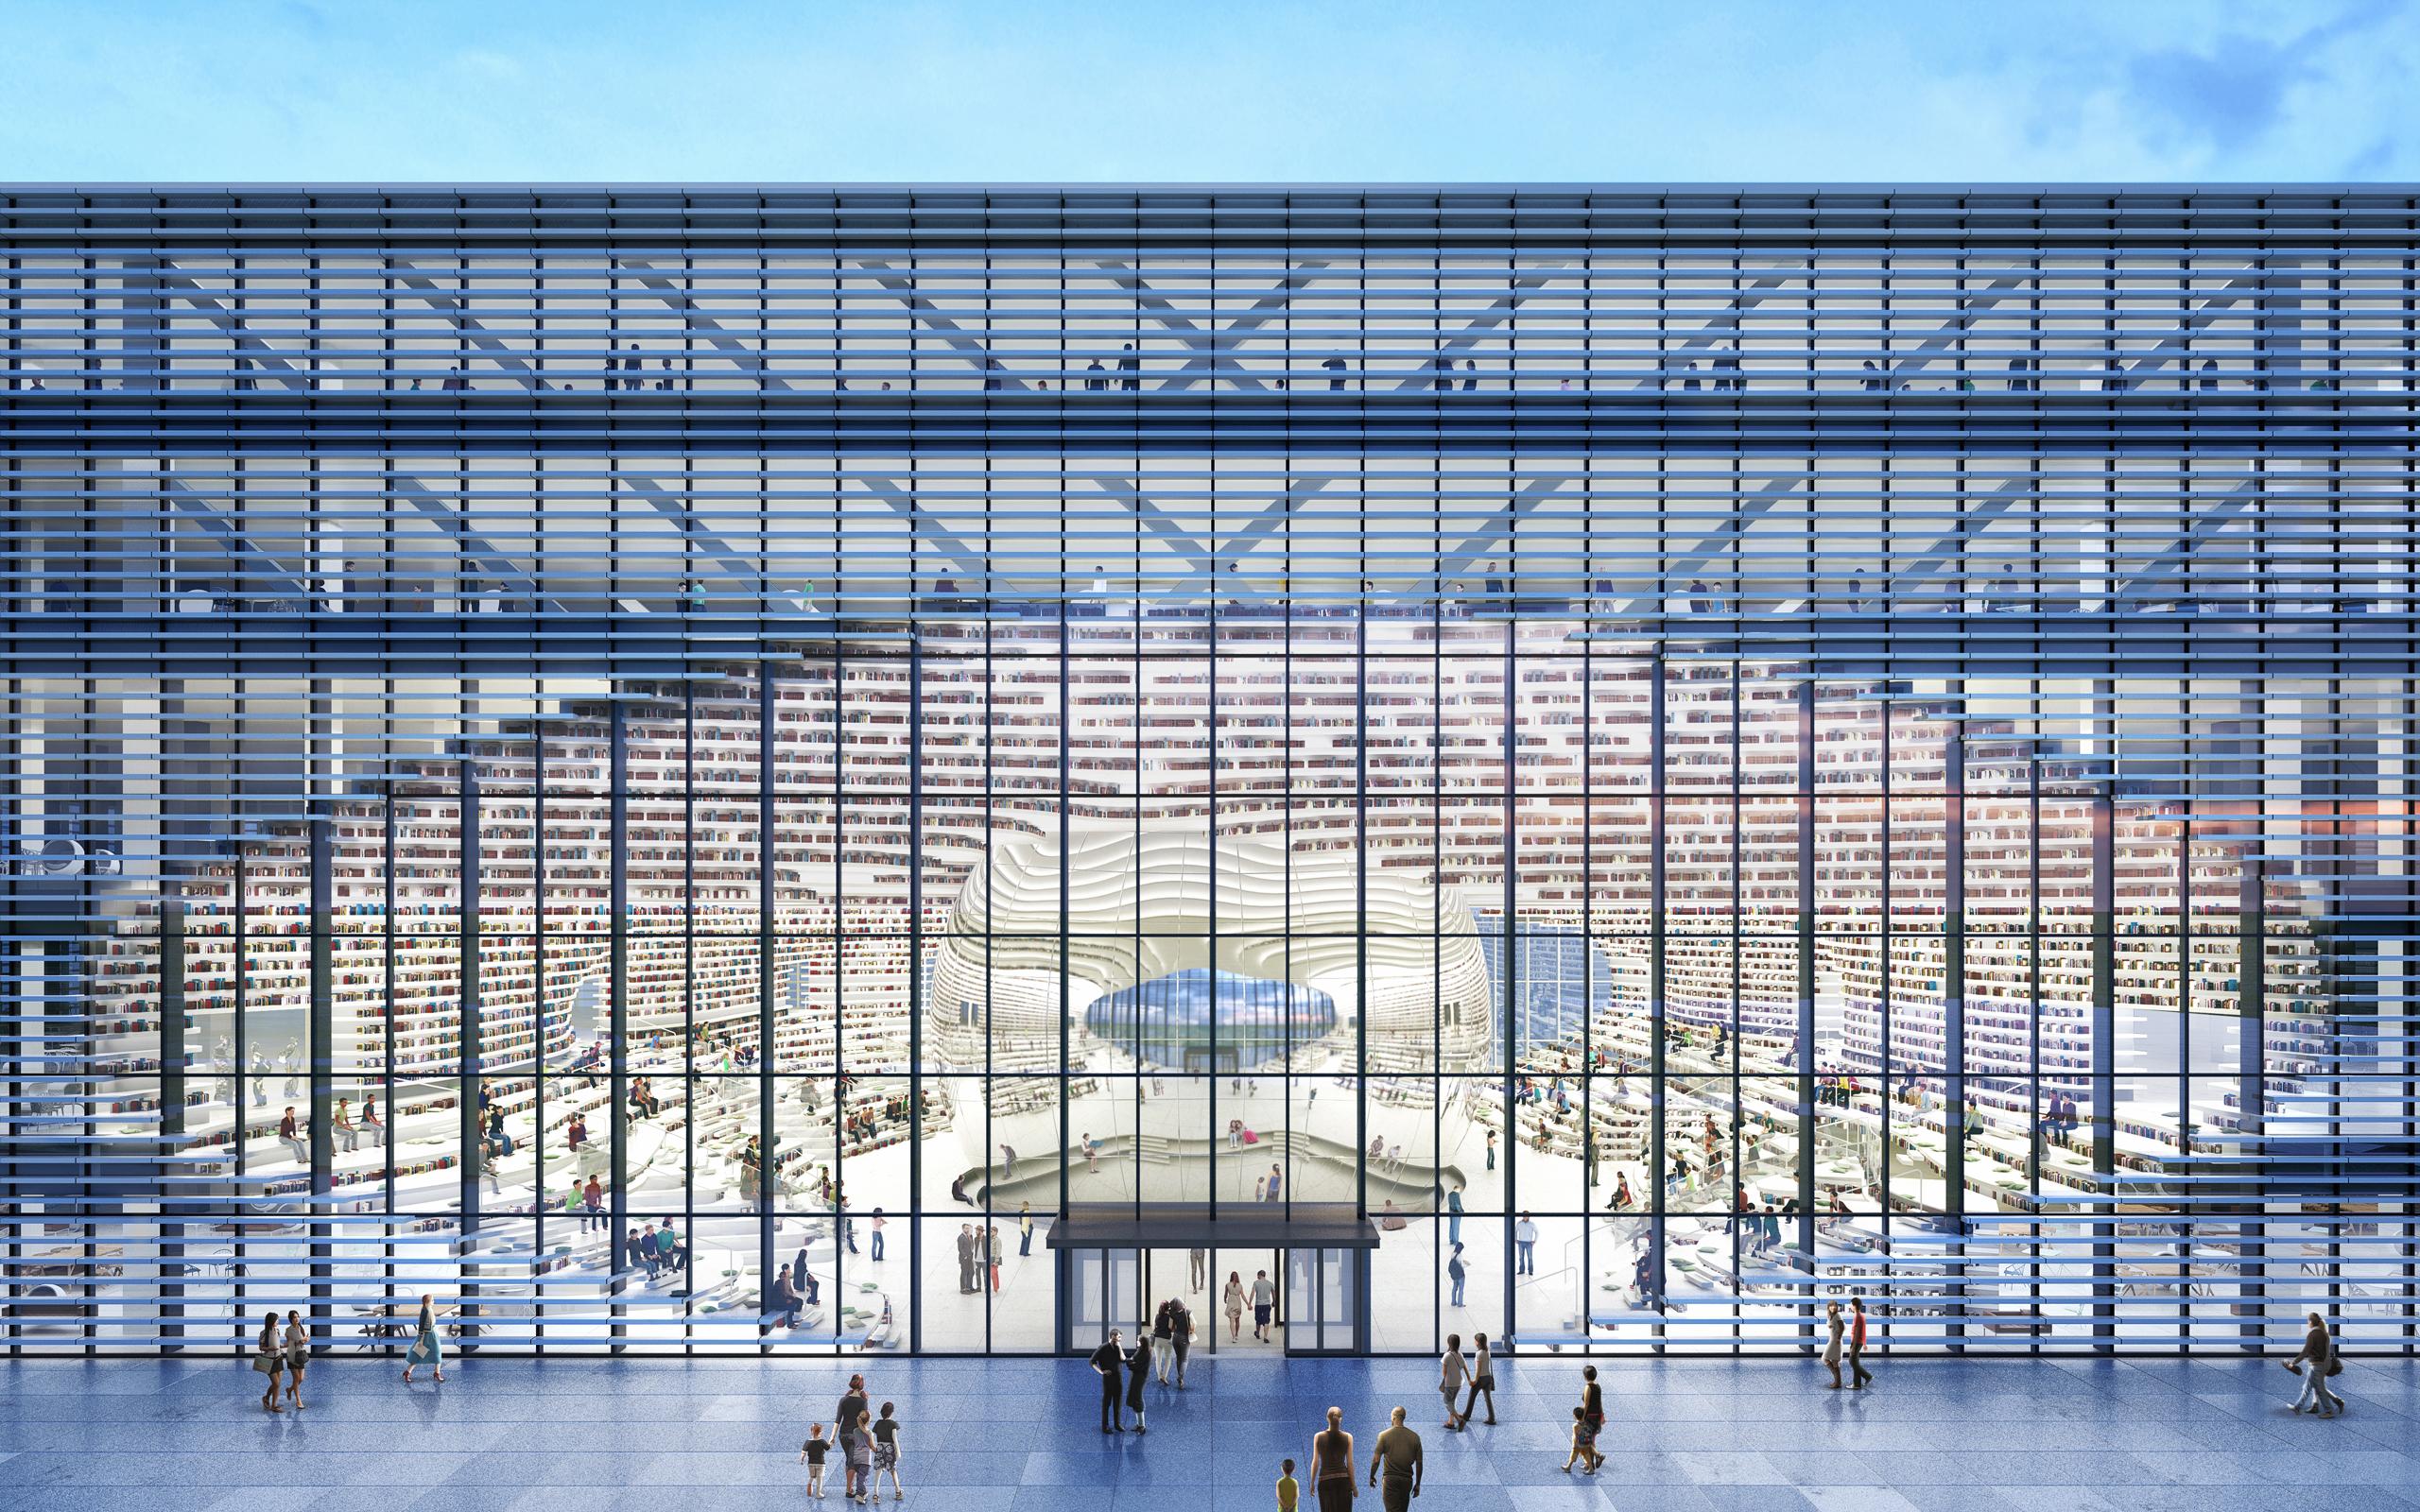 کتابخانه ی تیانجین بینهای جالب ترین کتابخانه ی دنیا